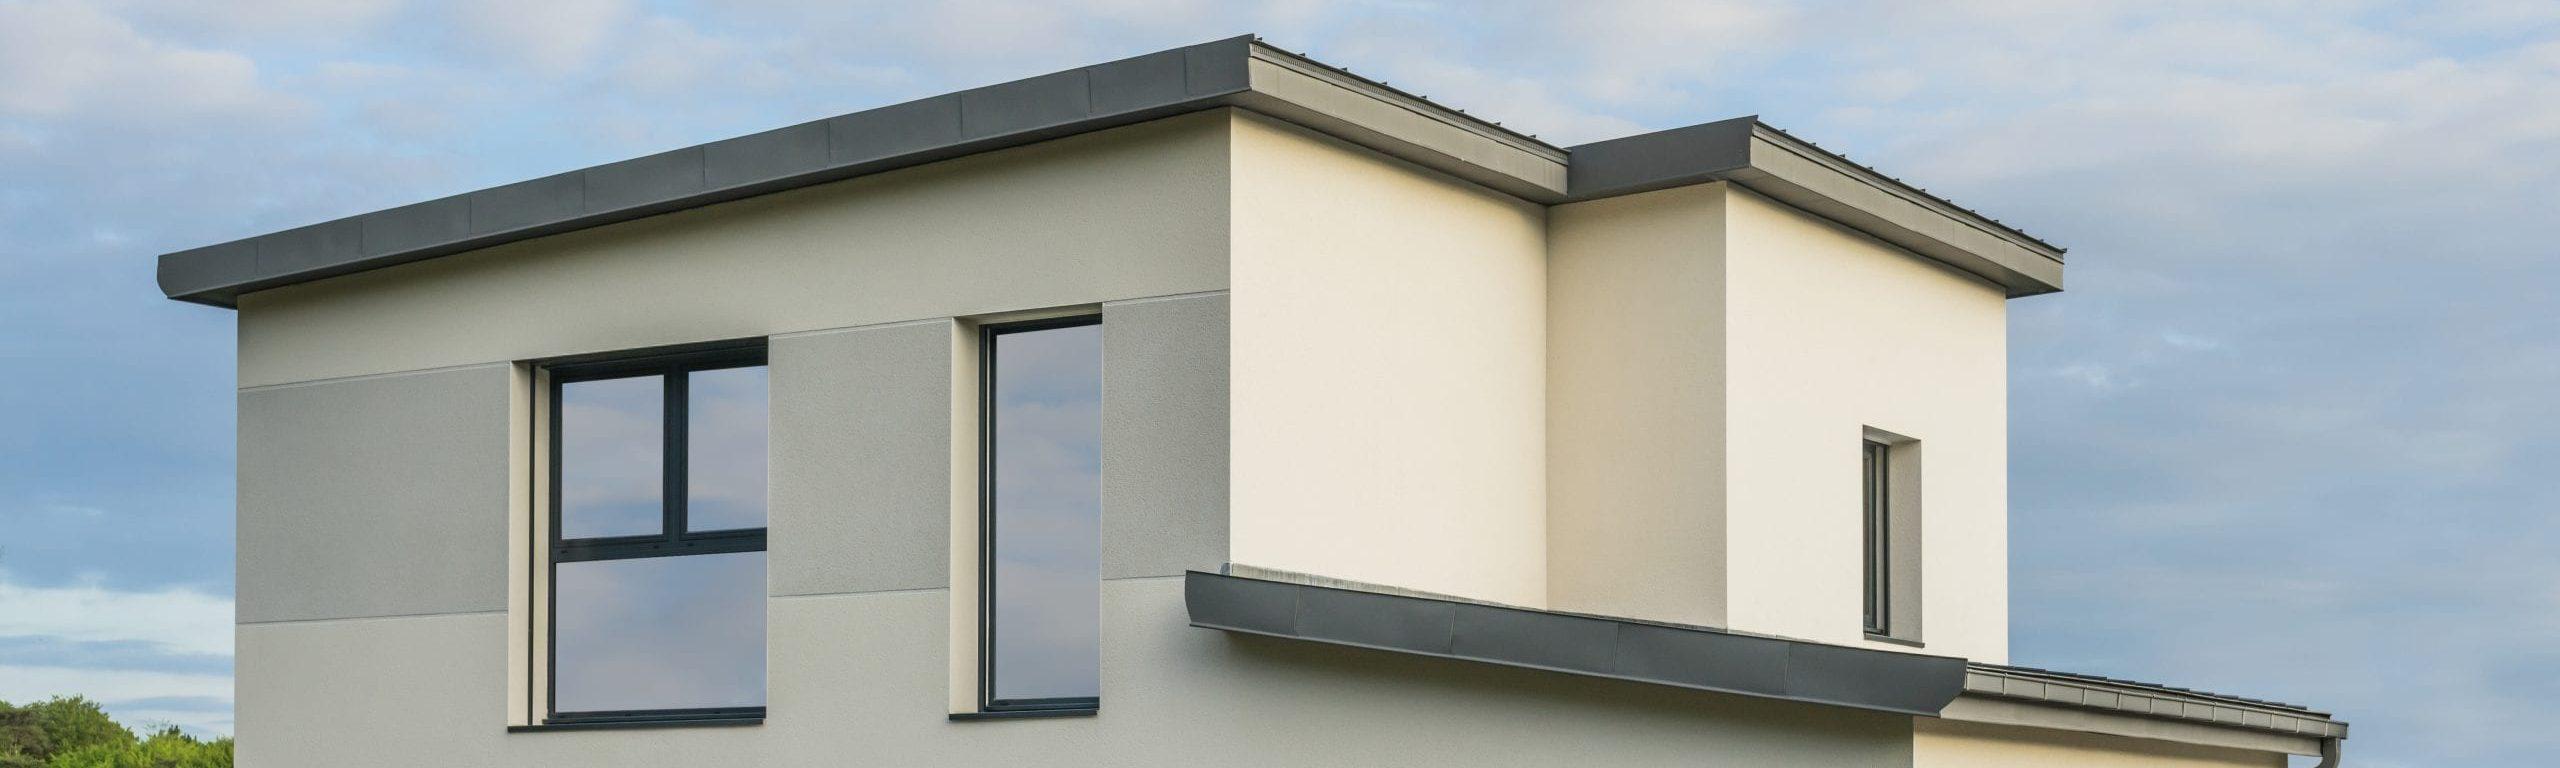 Dachgeschoss eines modernen Hauses